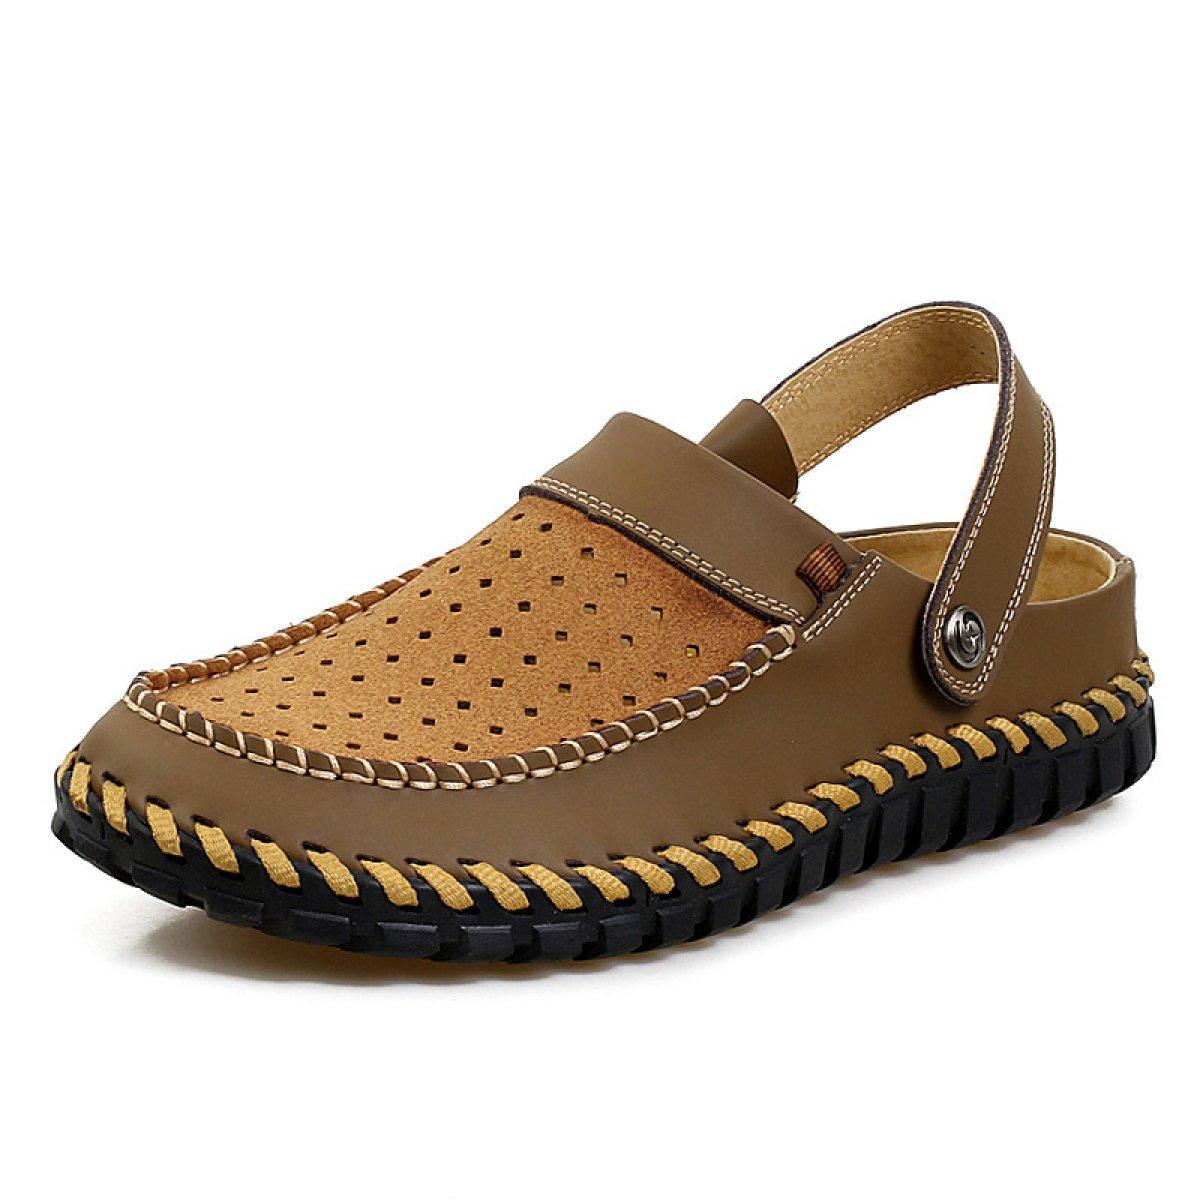 LXXAMens Verano Playa Zapatos Al Aire Libre Cuero Real Hombre Zapatilla Deportes Sandalias Zapatillas De Atletismo,Brown1-41EU 41EU|Brown1